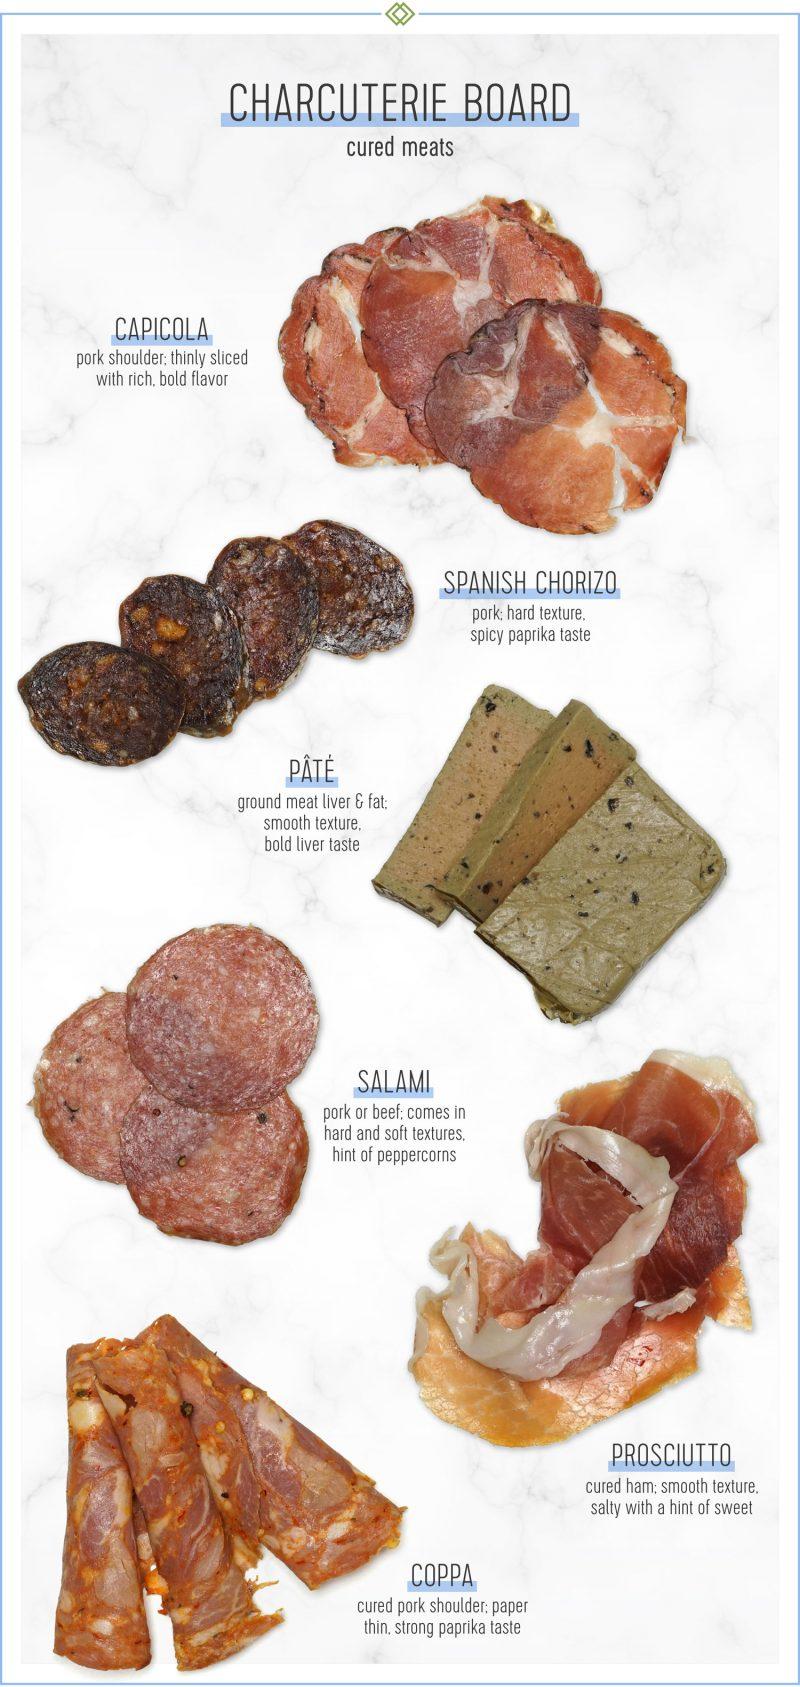 charcuterie board meats